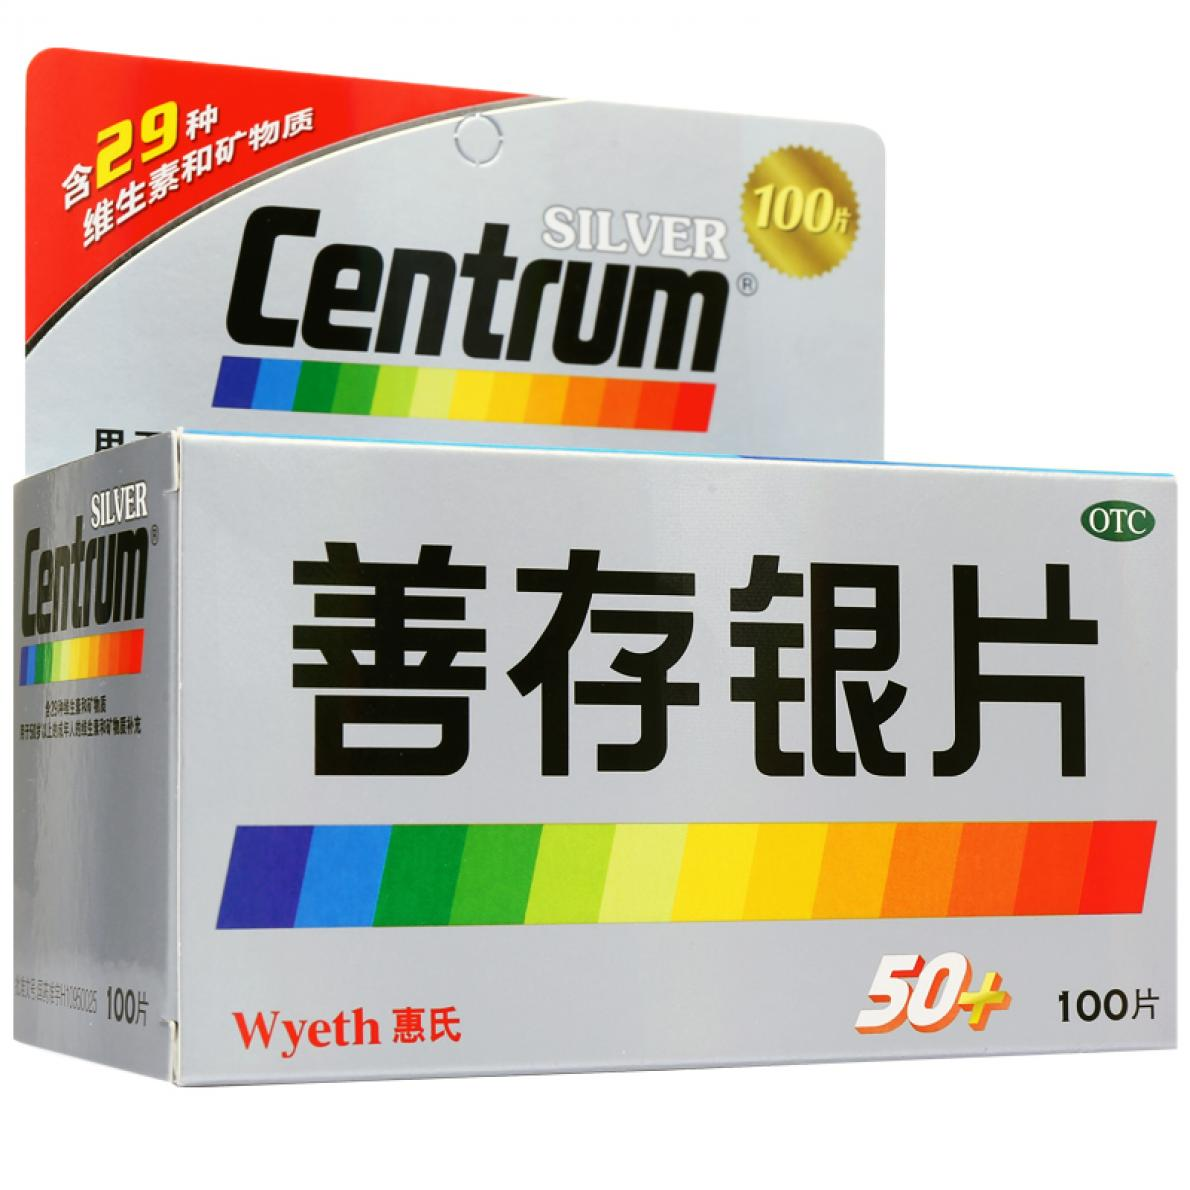 惠氏 善存银片 惠氏制药 100片/盒